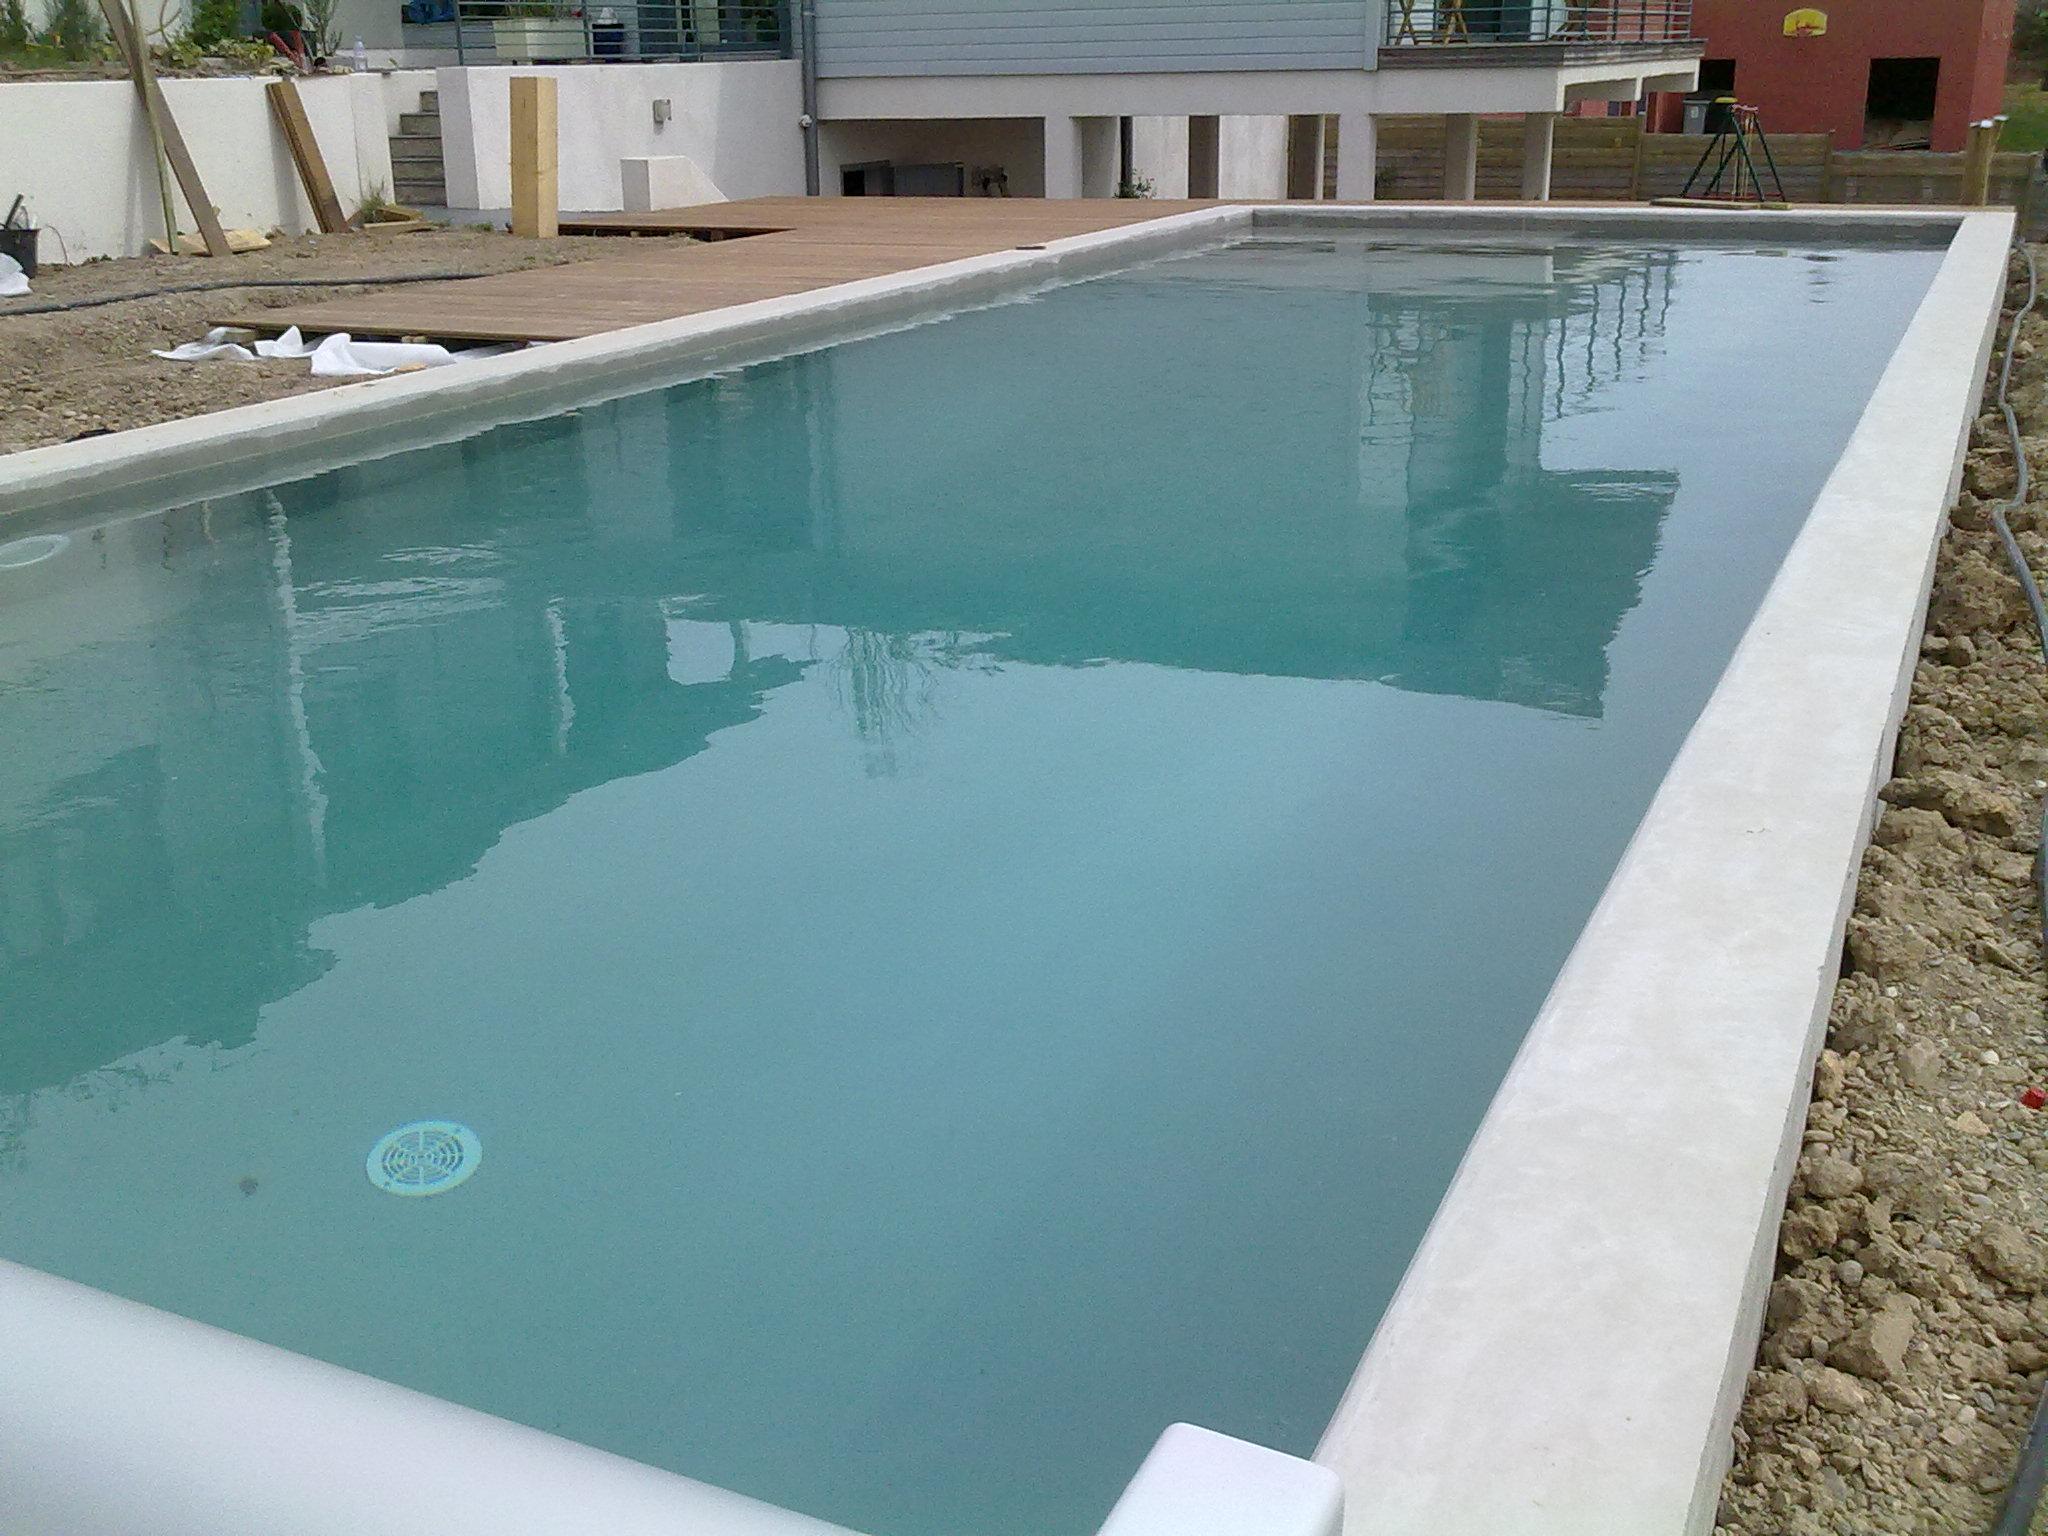 Piscine et terrasse pat bat fr for Piscine beton banche